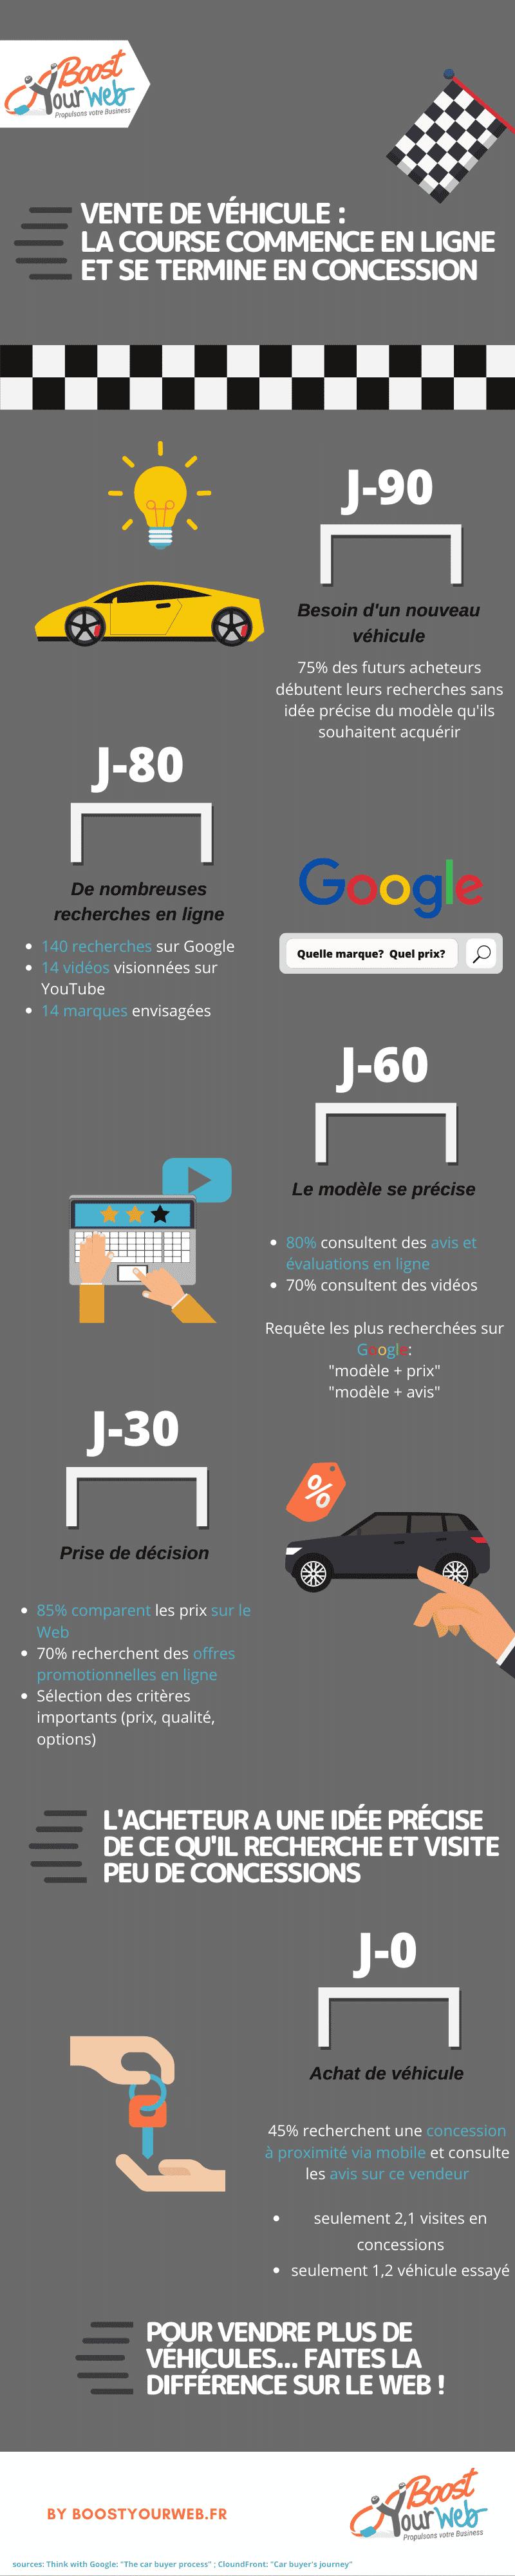 infographie parcours d'achat automobile